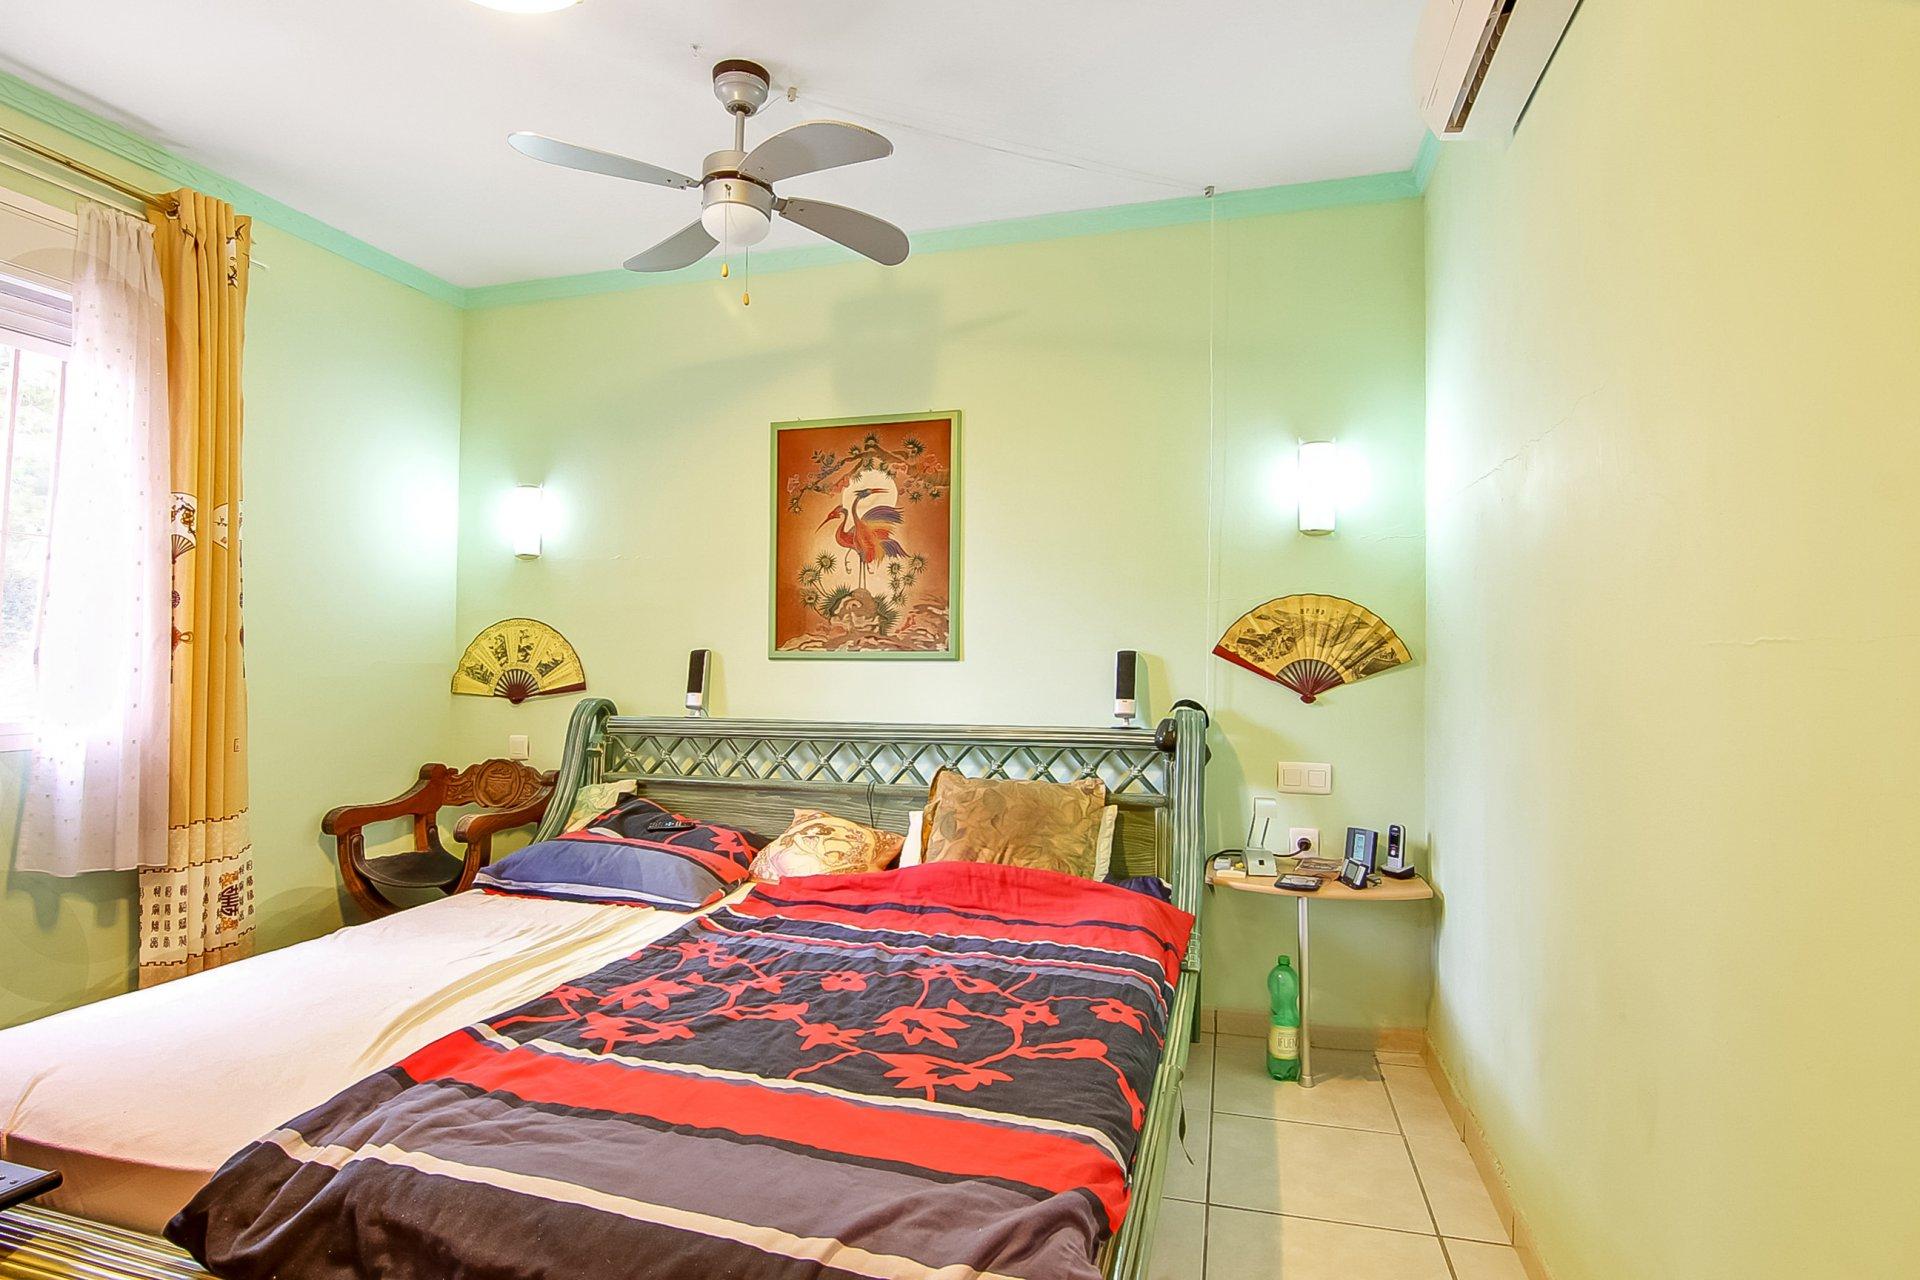 3-bedroom villa in a quiet area in Calpe